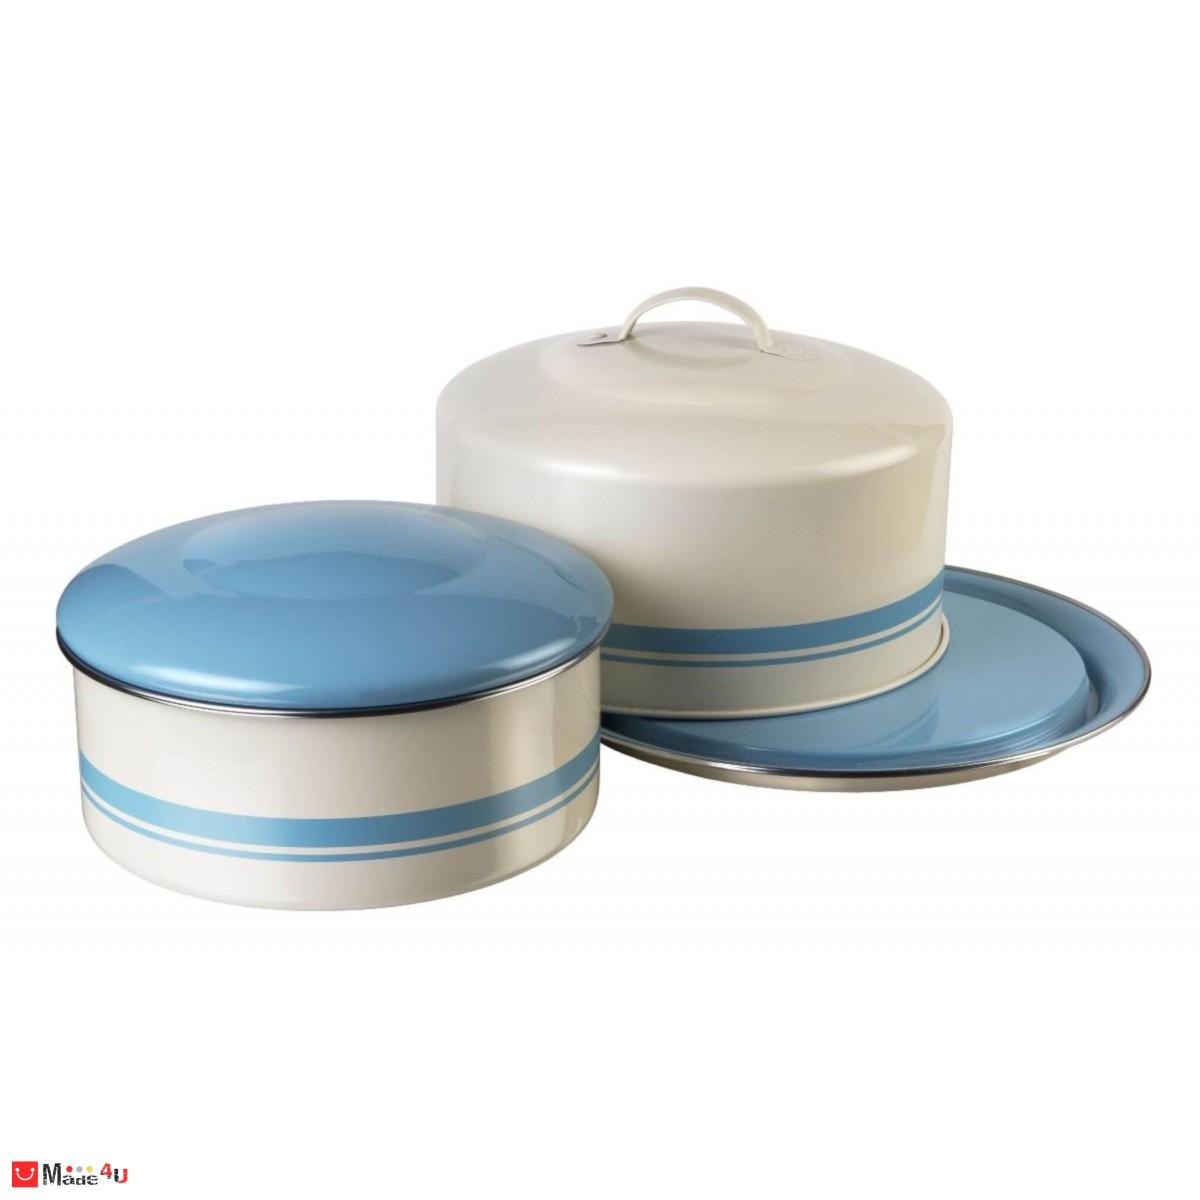 Комплект 2 броя кутии с капак подходящи за съхранение на торта или хляб - JAMIE OLIVER